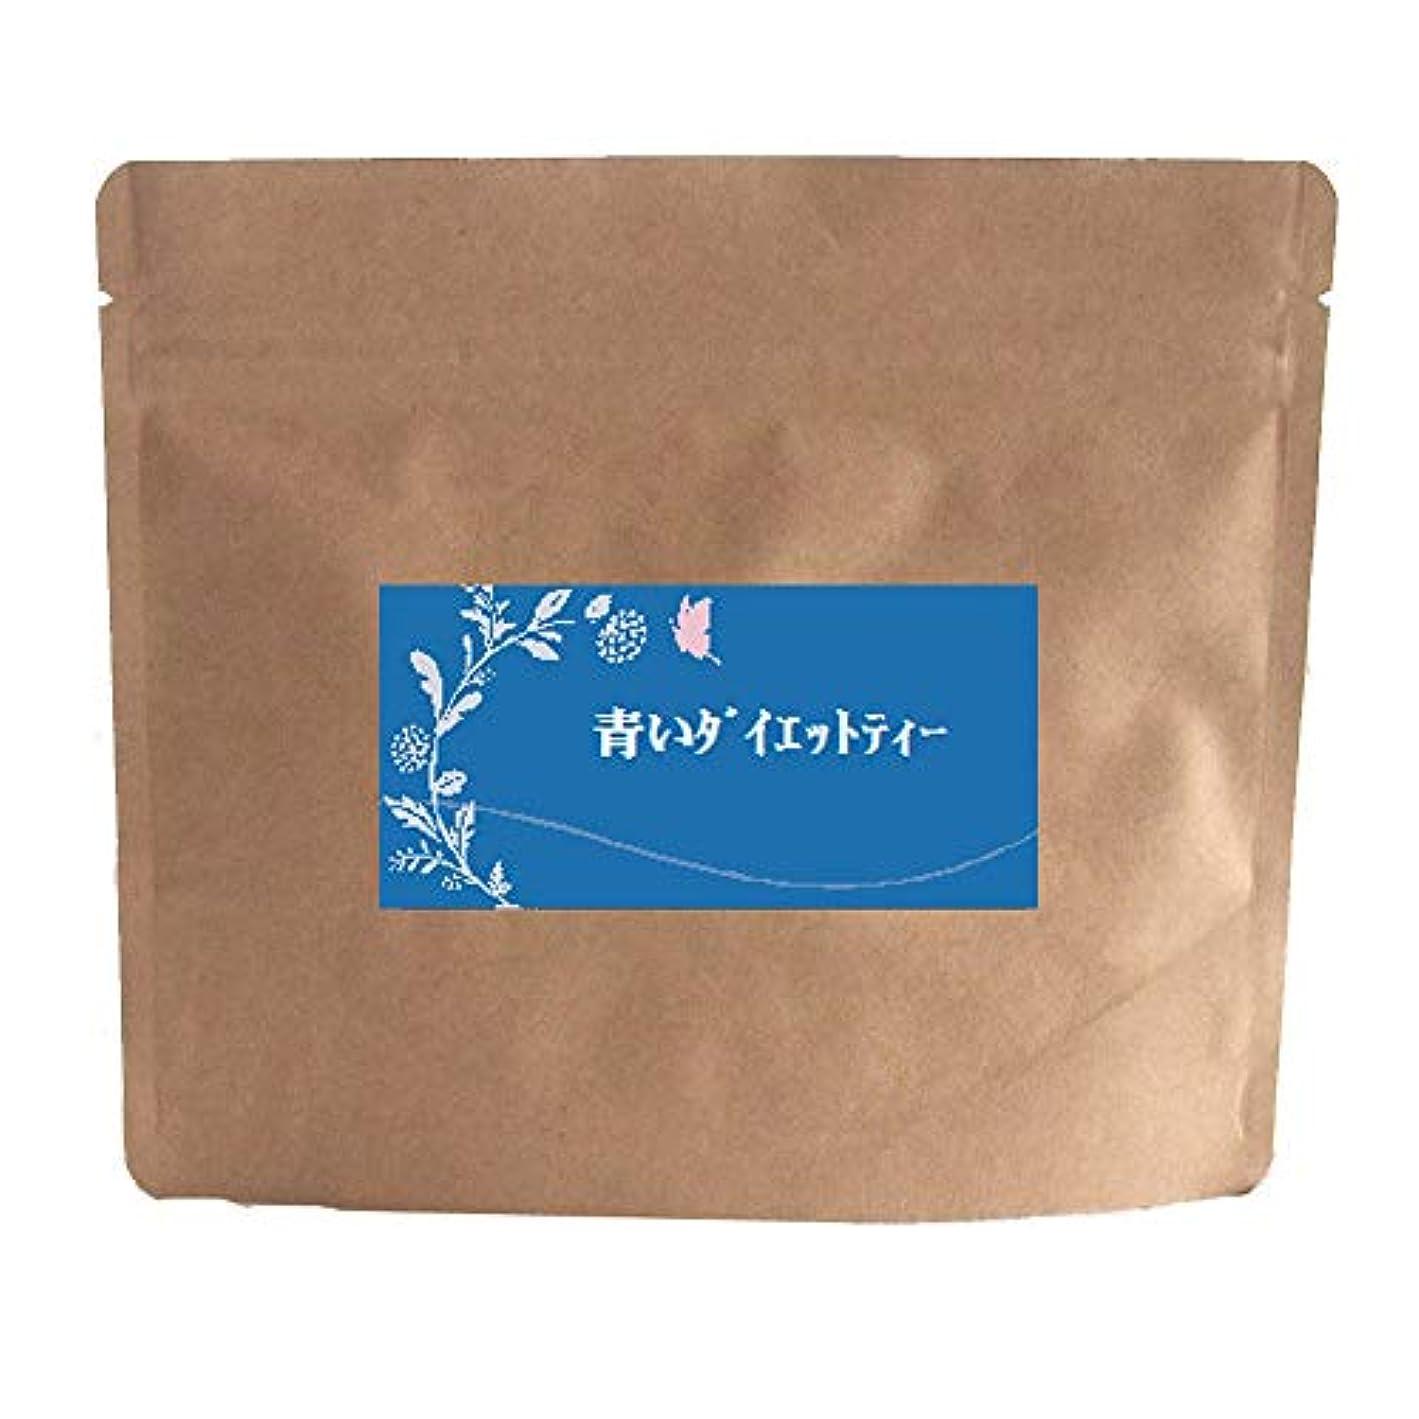 なすピジン十分に青いダイエットティー312g バタフライピー 難消化性デキストリン ダイエットドリンク 粉末 パウダー